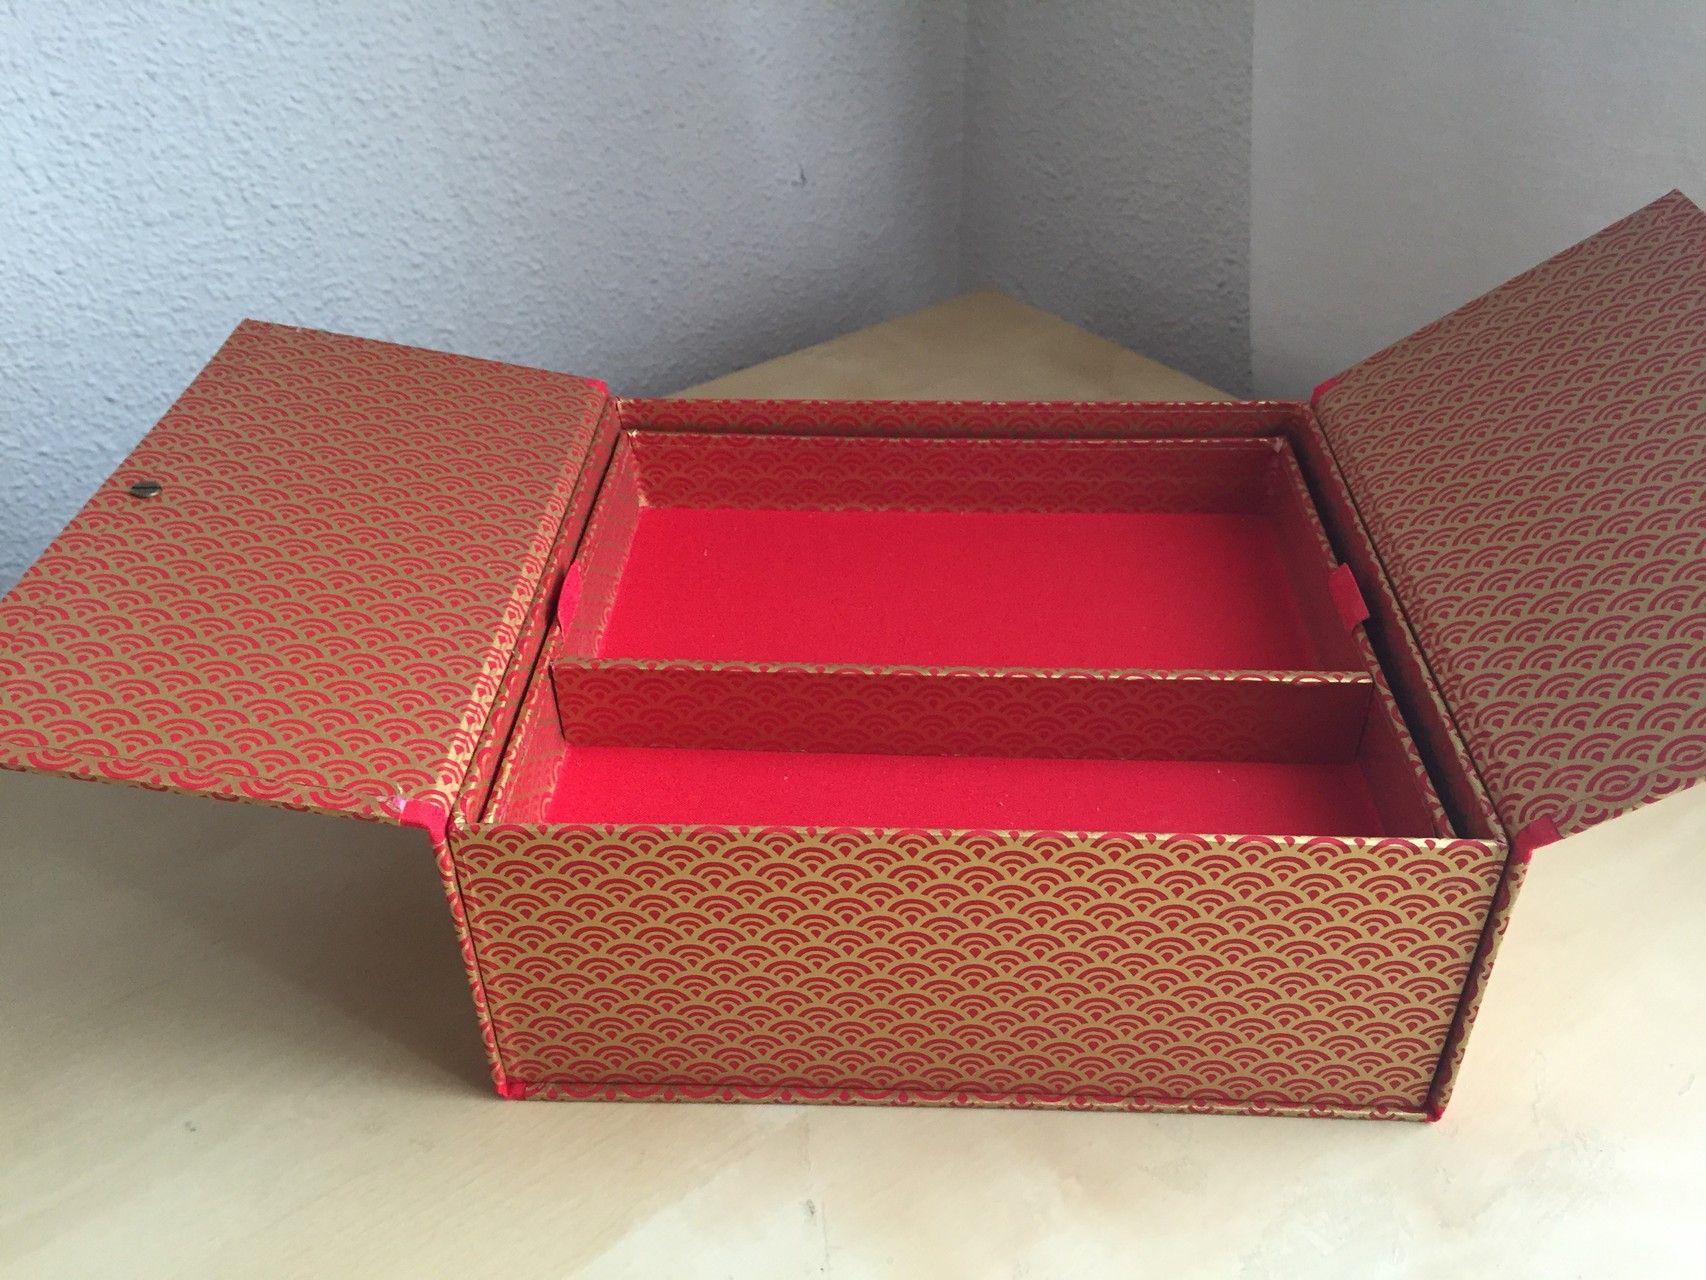 Cartonnage By Ada Tienda De Papeles Y Materiales Cartonnage